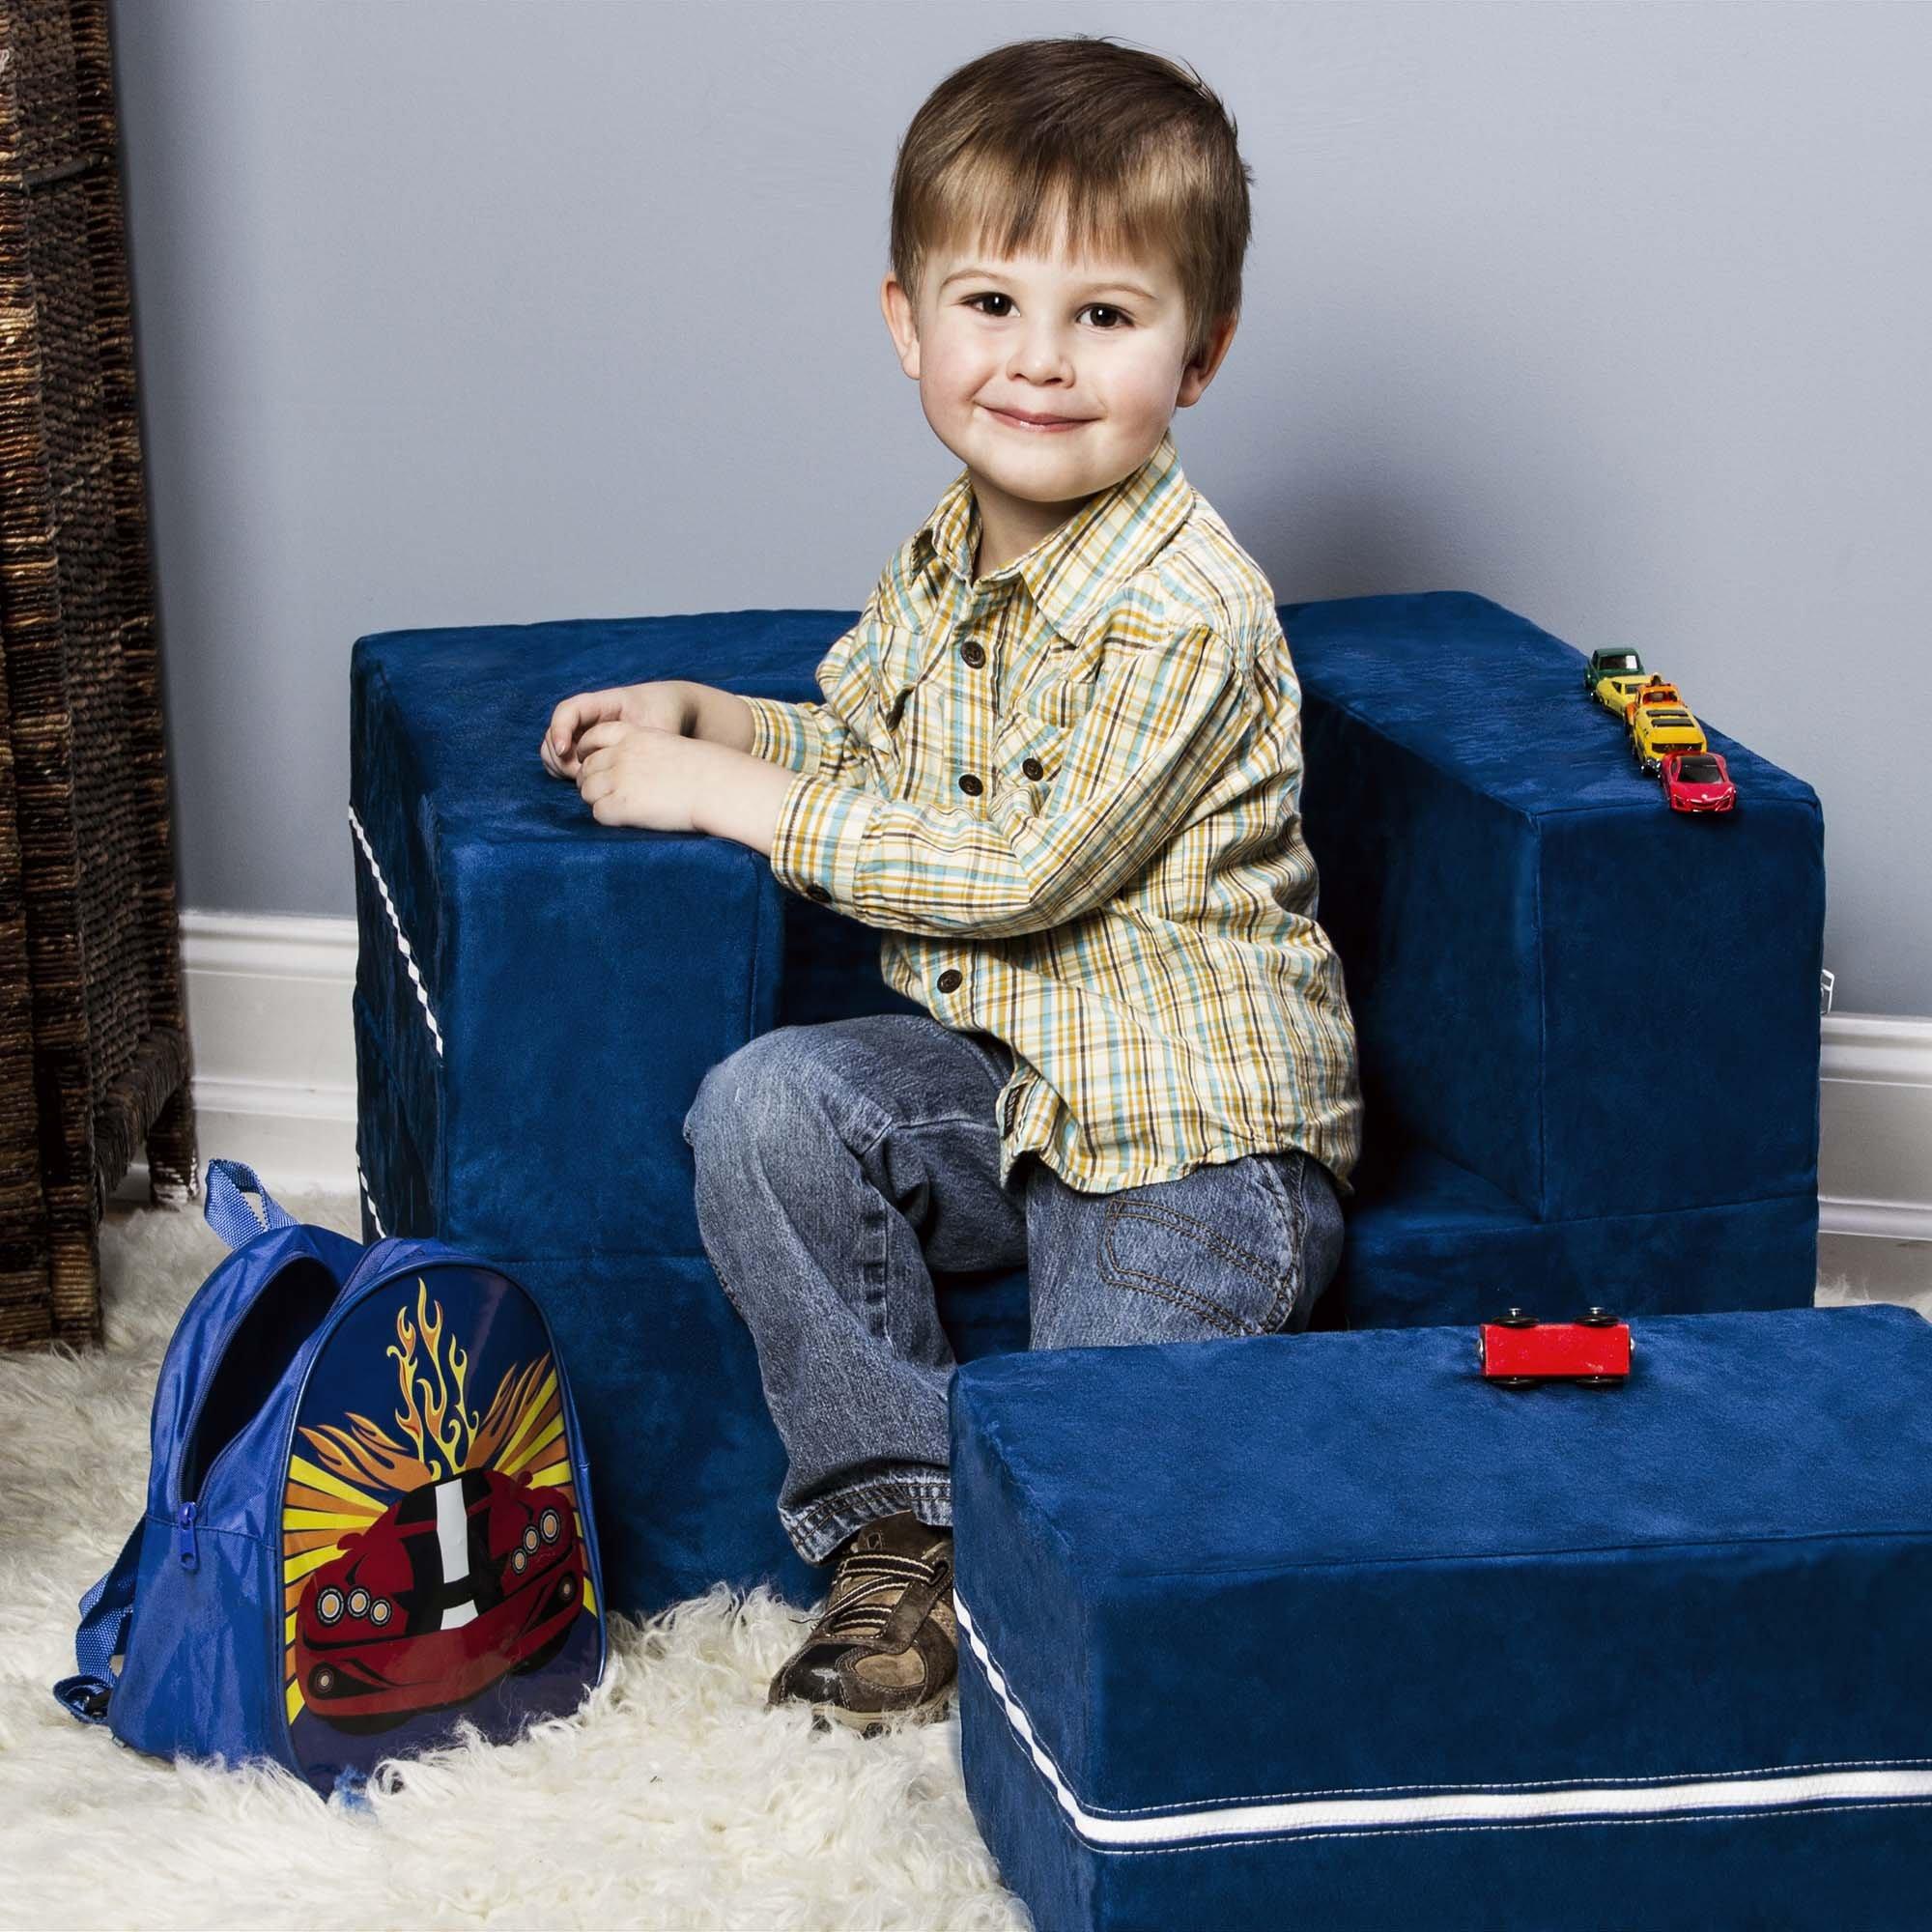 Jaxx Zipline Modular Kids Chair & Ottoman / Fold-Out Lounger, Blueberry